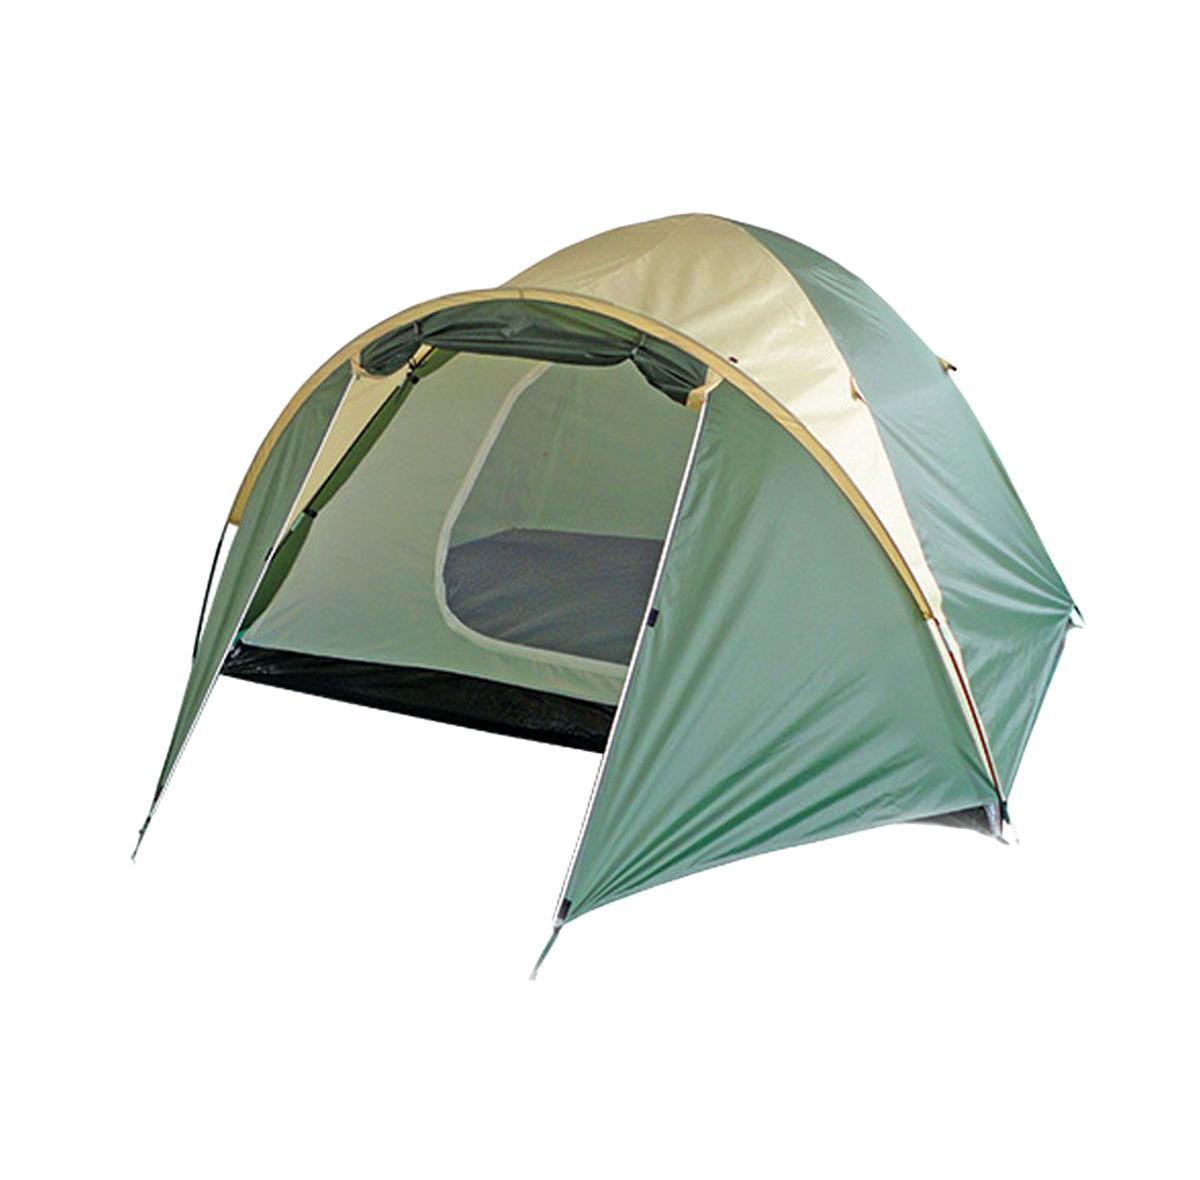 Палатка Happy Camper PL-025-4P37639Эта палатка сочетает в себе качества простой кемпинговой палатки, в которой можно разместиться всей семьей, и собирается так же легко, как треккинговые. В ней имеется тамбур для хранения вещей. Внутренняя дверь продублирована противомоскитной сеткой, а благодаря внутренним карманам все необходимые вещи всегда будут под рукой.Особенности:Проклеенные швы;Внутренний тент может устанавливаться отдельно;Два окна из дышащего полиэстера. Характеристики: Размер палатки в разложенном виде (ДхШхВ): 350 см х 210 см х 140 см. Наружный тент:190T полиэстер с полиуретановым покрытием. Внутренняя палатка: дышащий полиэстер. Дно: 110G полиэтилен. Каркас:дуги из фибергласа диаметром 8,5 мм. Вес:3500 г. Размер в сложенном виде: 61 см х 13 см х 13 см.